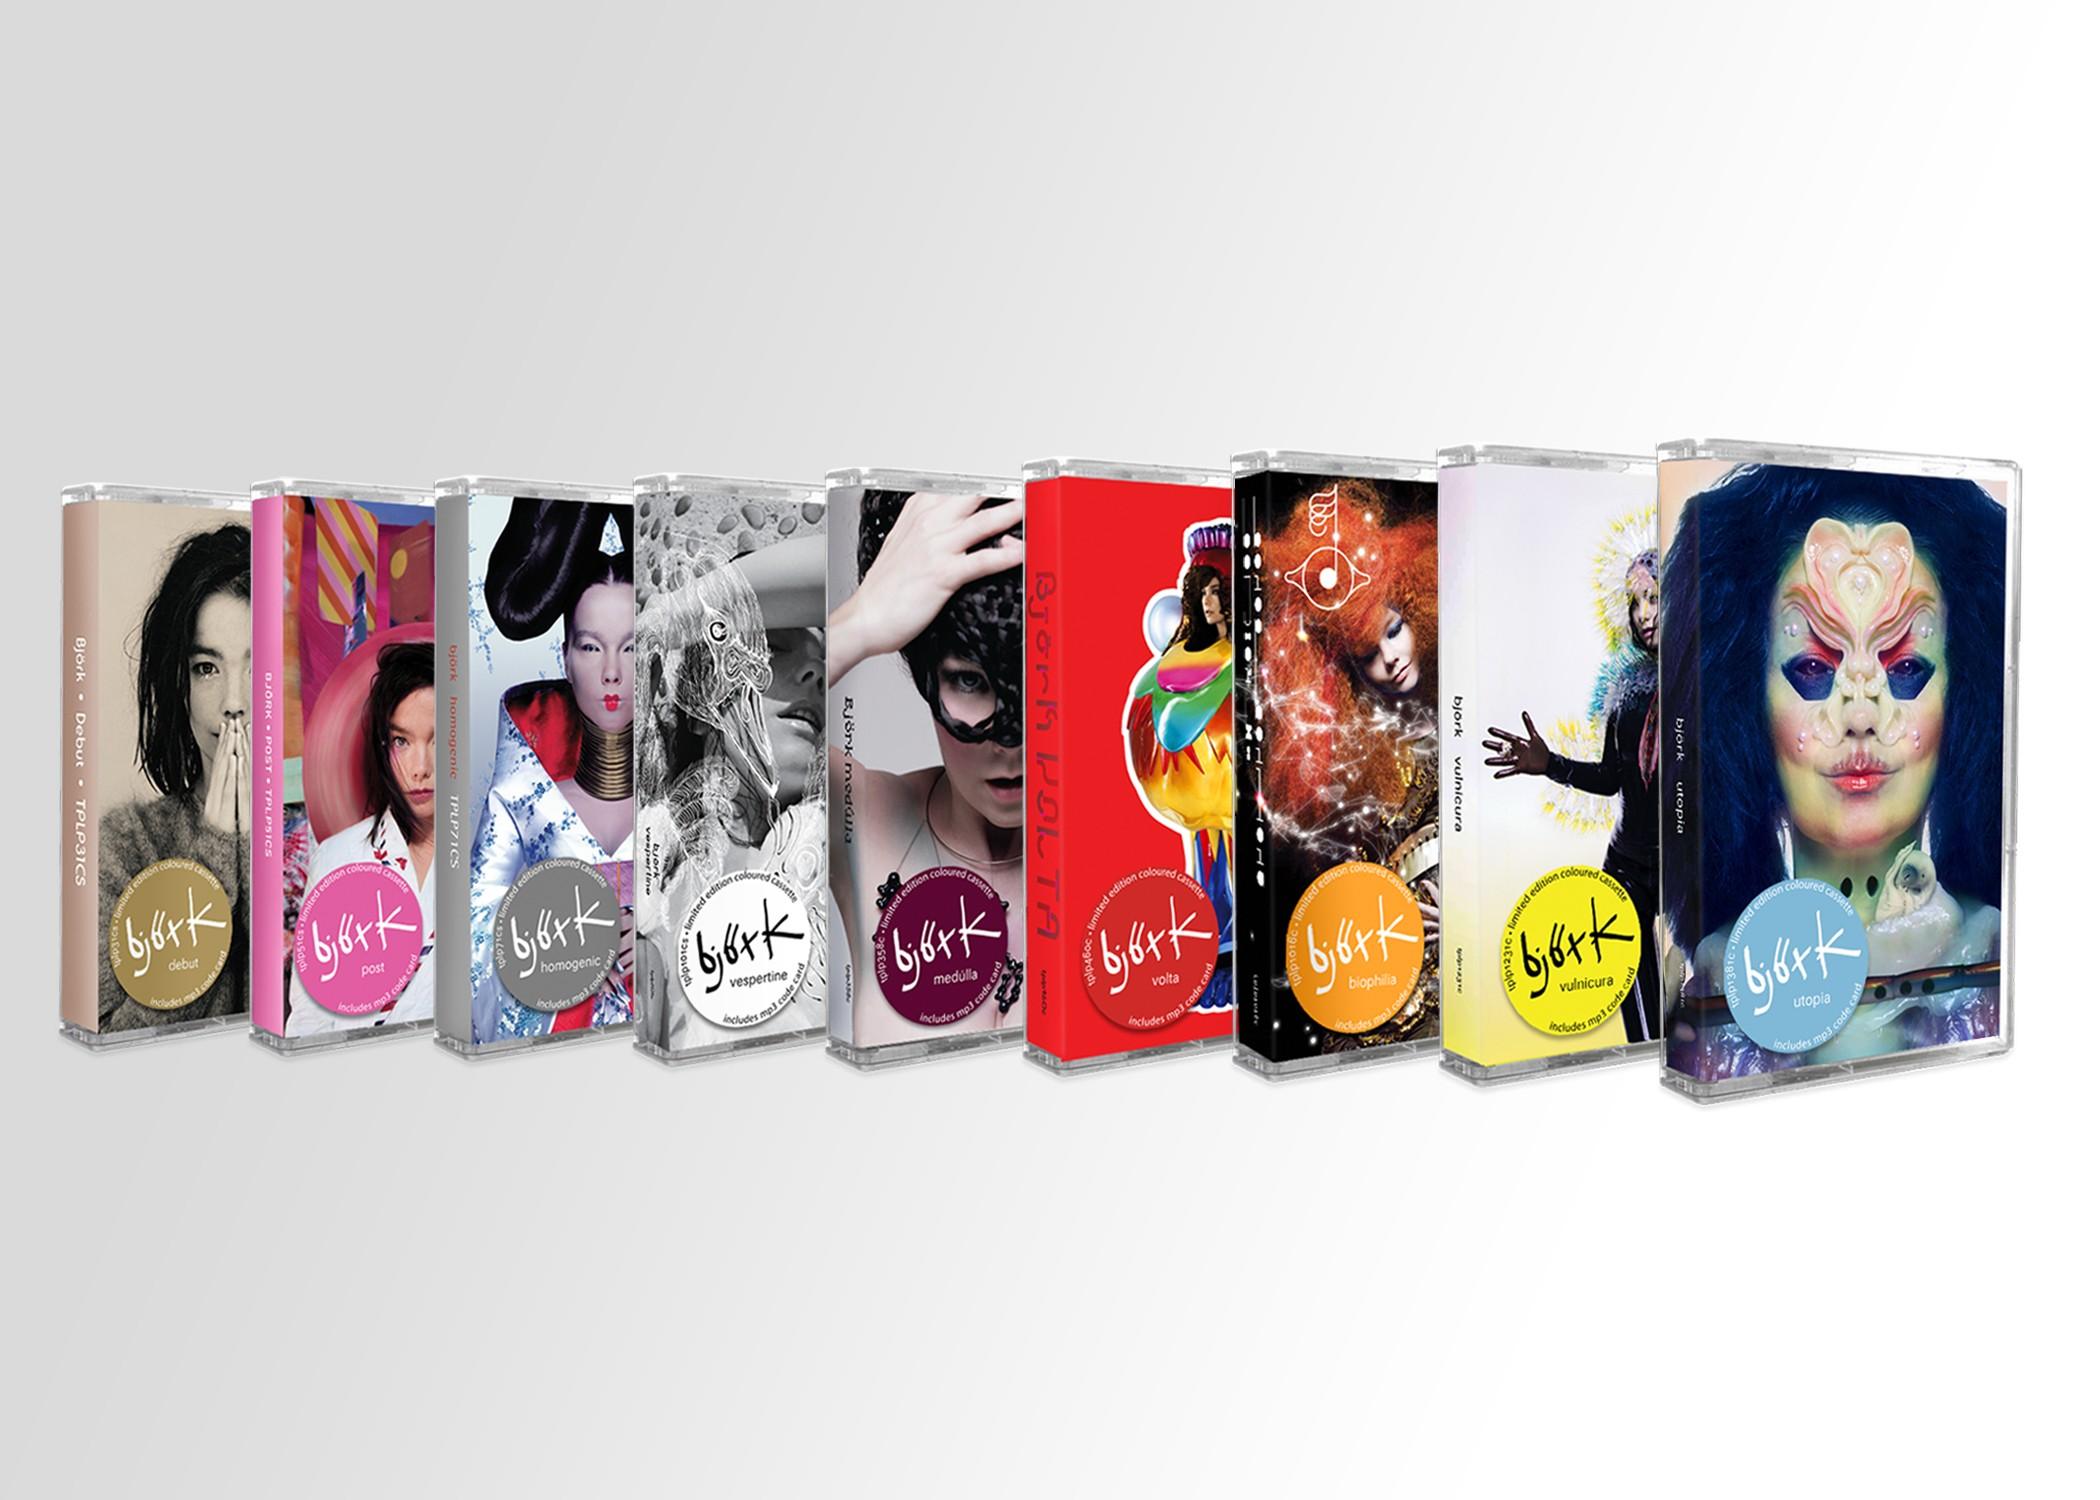 Back to the 80s like... Björk relanzará todos sus discos en formato casete